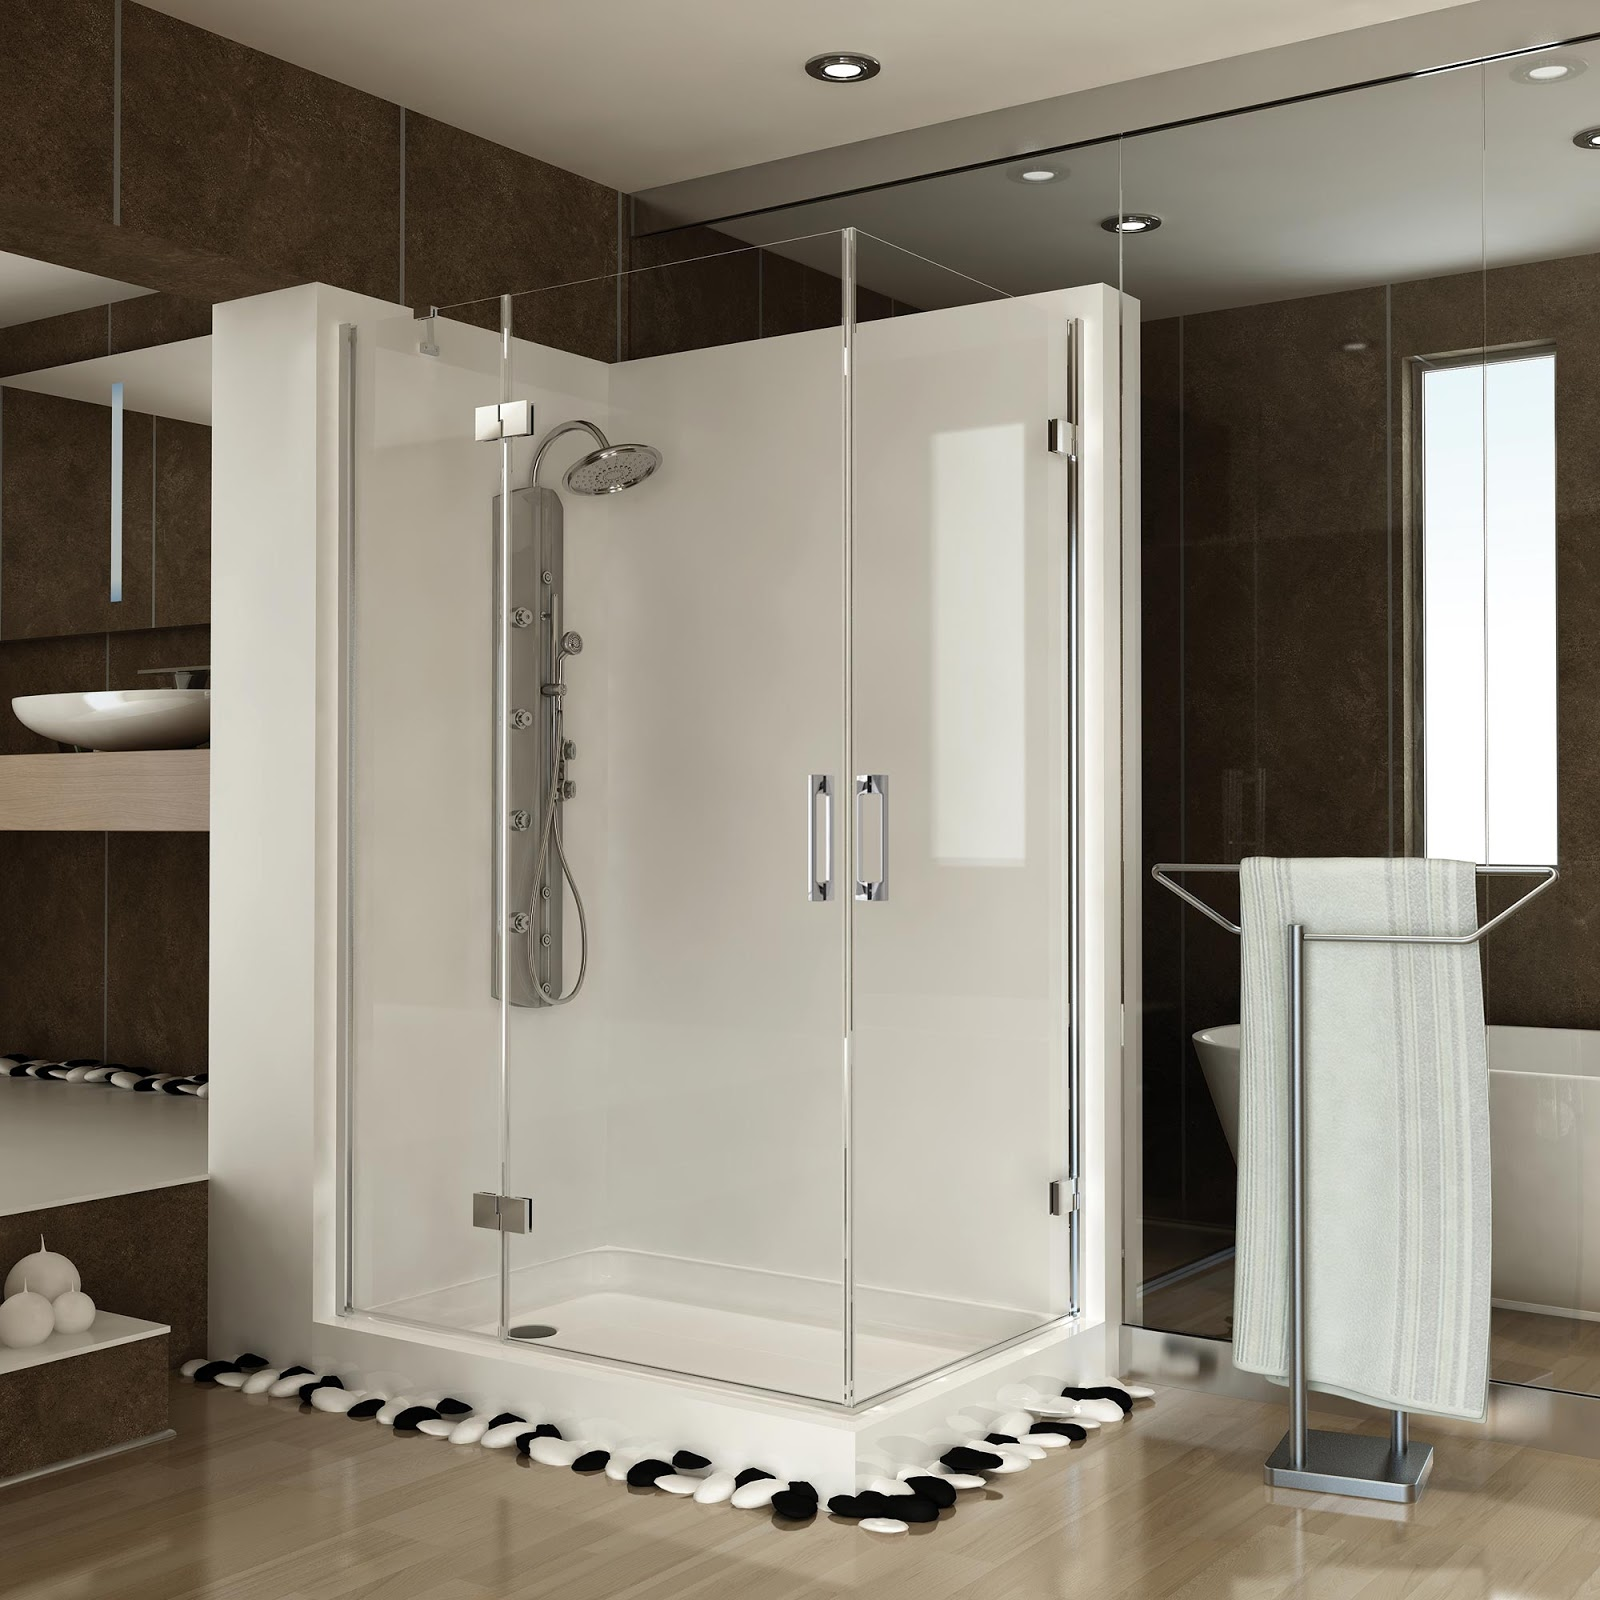 C mo limpiar correctamente la mampara de tu ducha ch for Como limpiar la mampara del bano